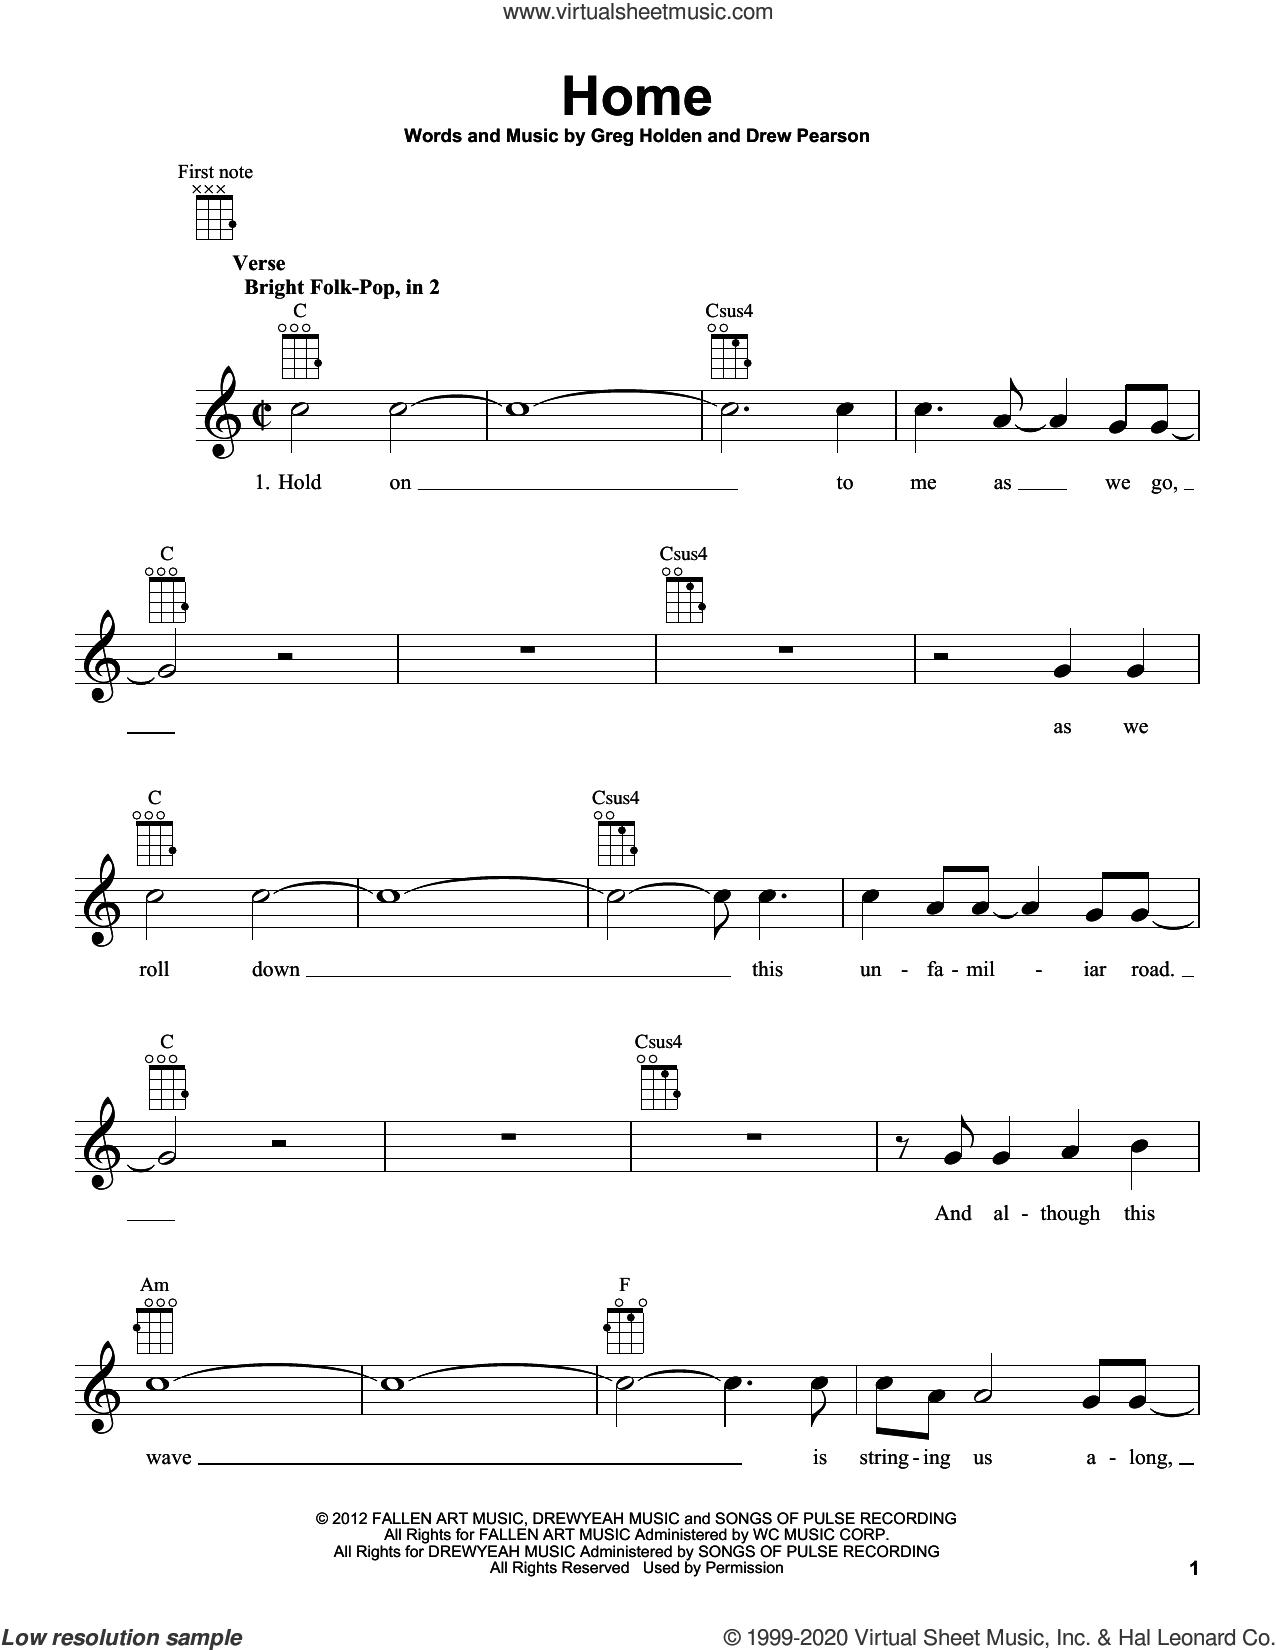 Home sheet music for ukulele by Phillip Phillips, Drew Pearson and Greg Holden, intermediate skill level